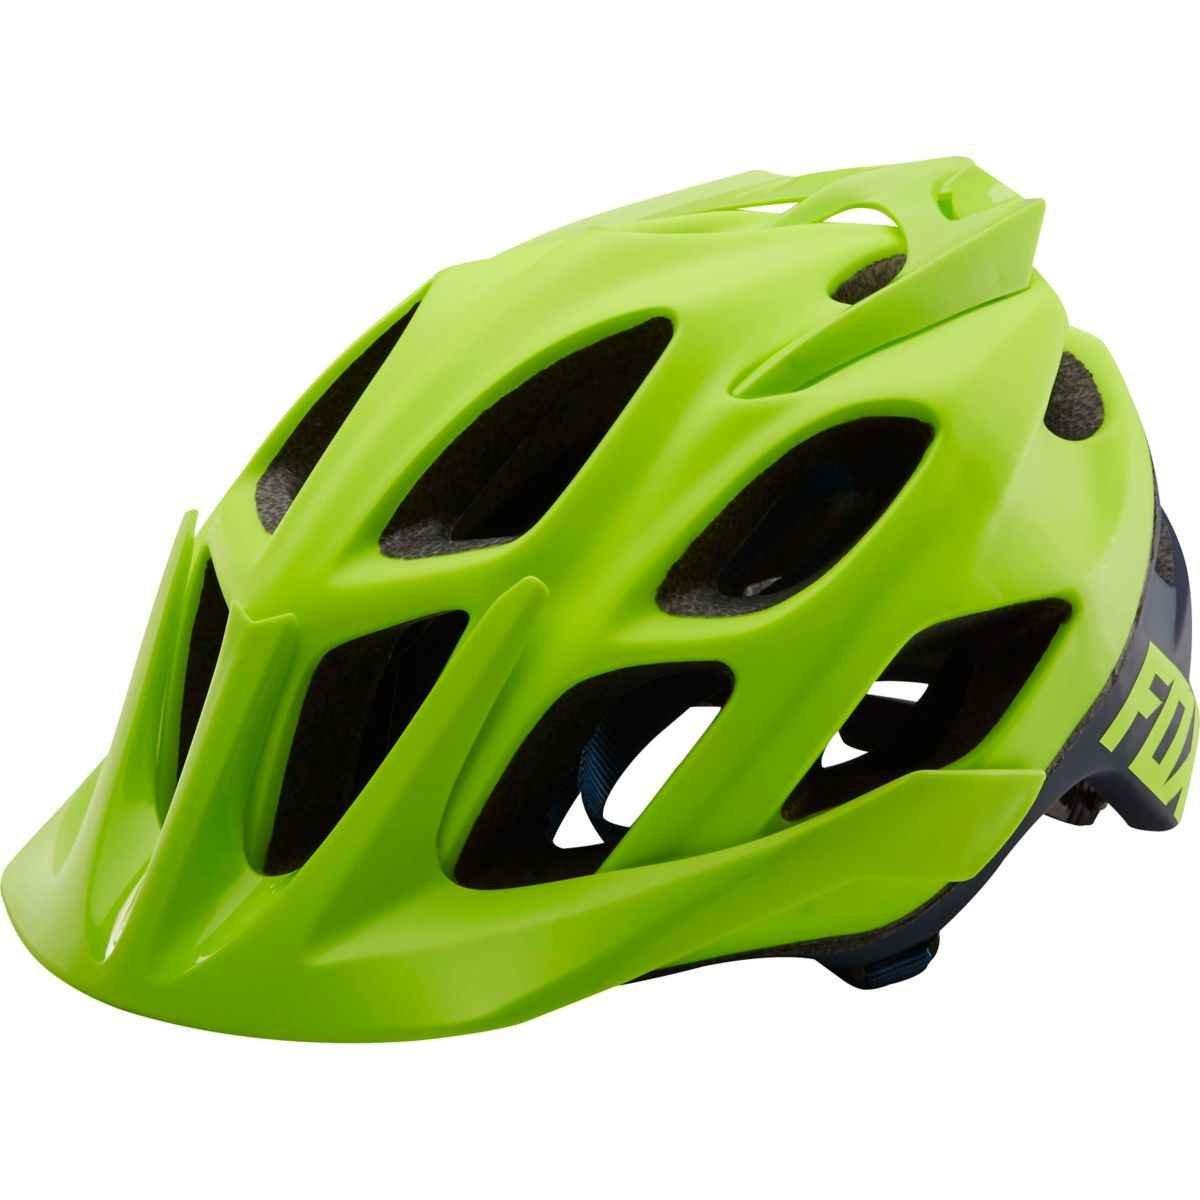 Fox Racing Flux Creo Helmet – 19118-130